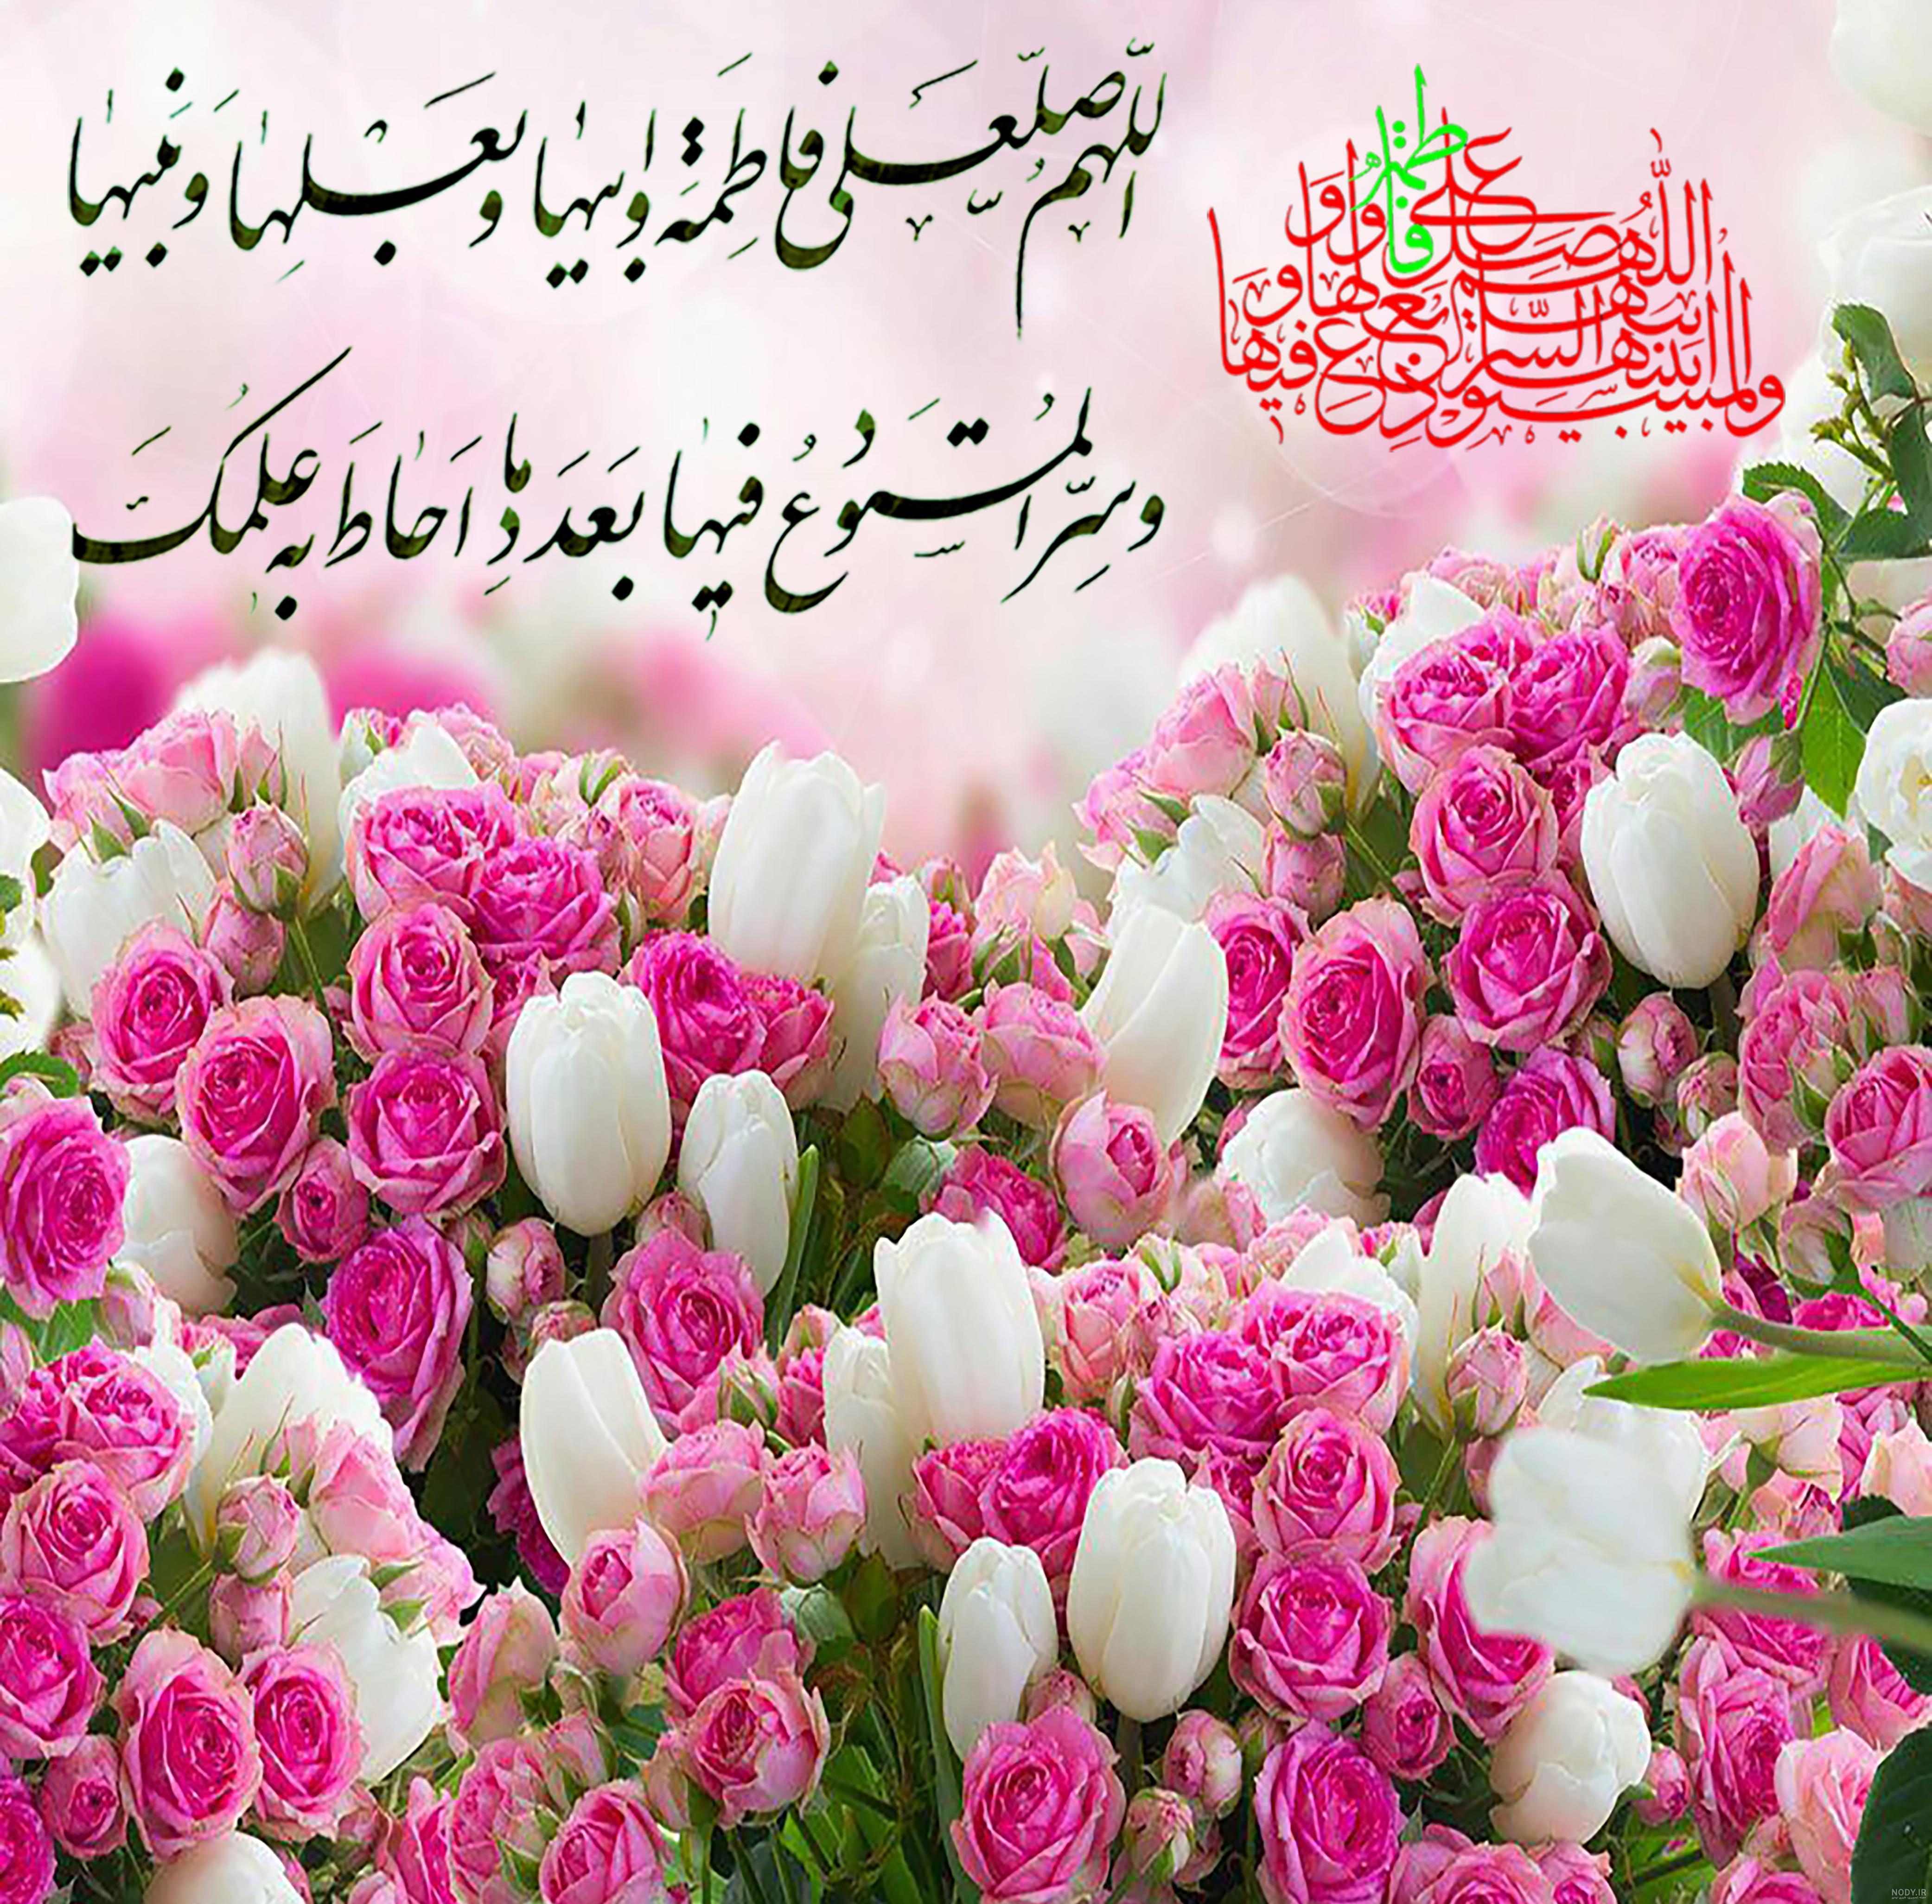 عکس نوشته صلوات حضرت فاطمه